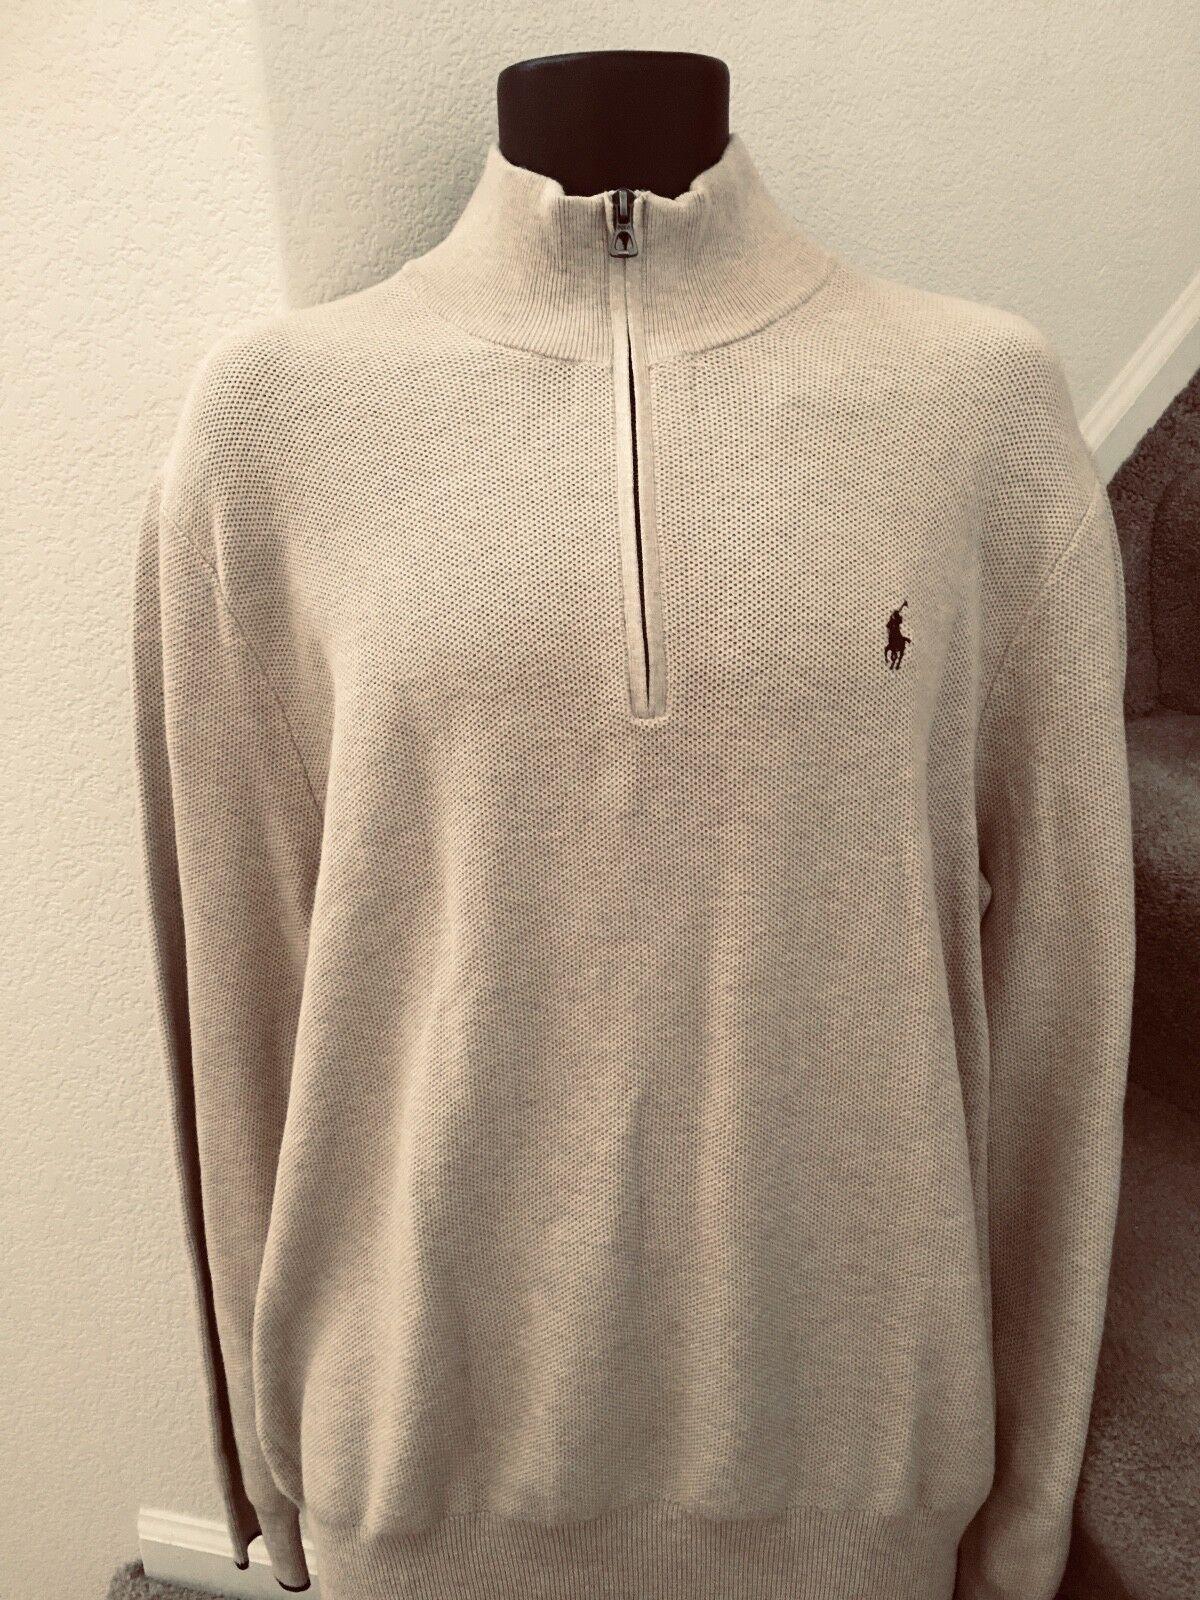 Polo  Ralph Lauren para hombre Suéter Con Cremallera Con Textura Pique 1 2 Talle Xl Natural Nuevo Con Etiquetas  98  garantizado